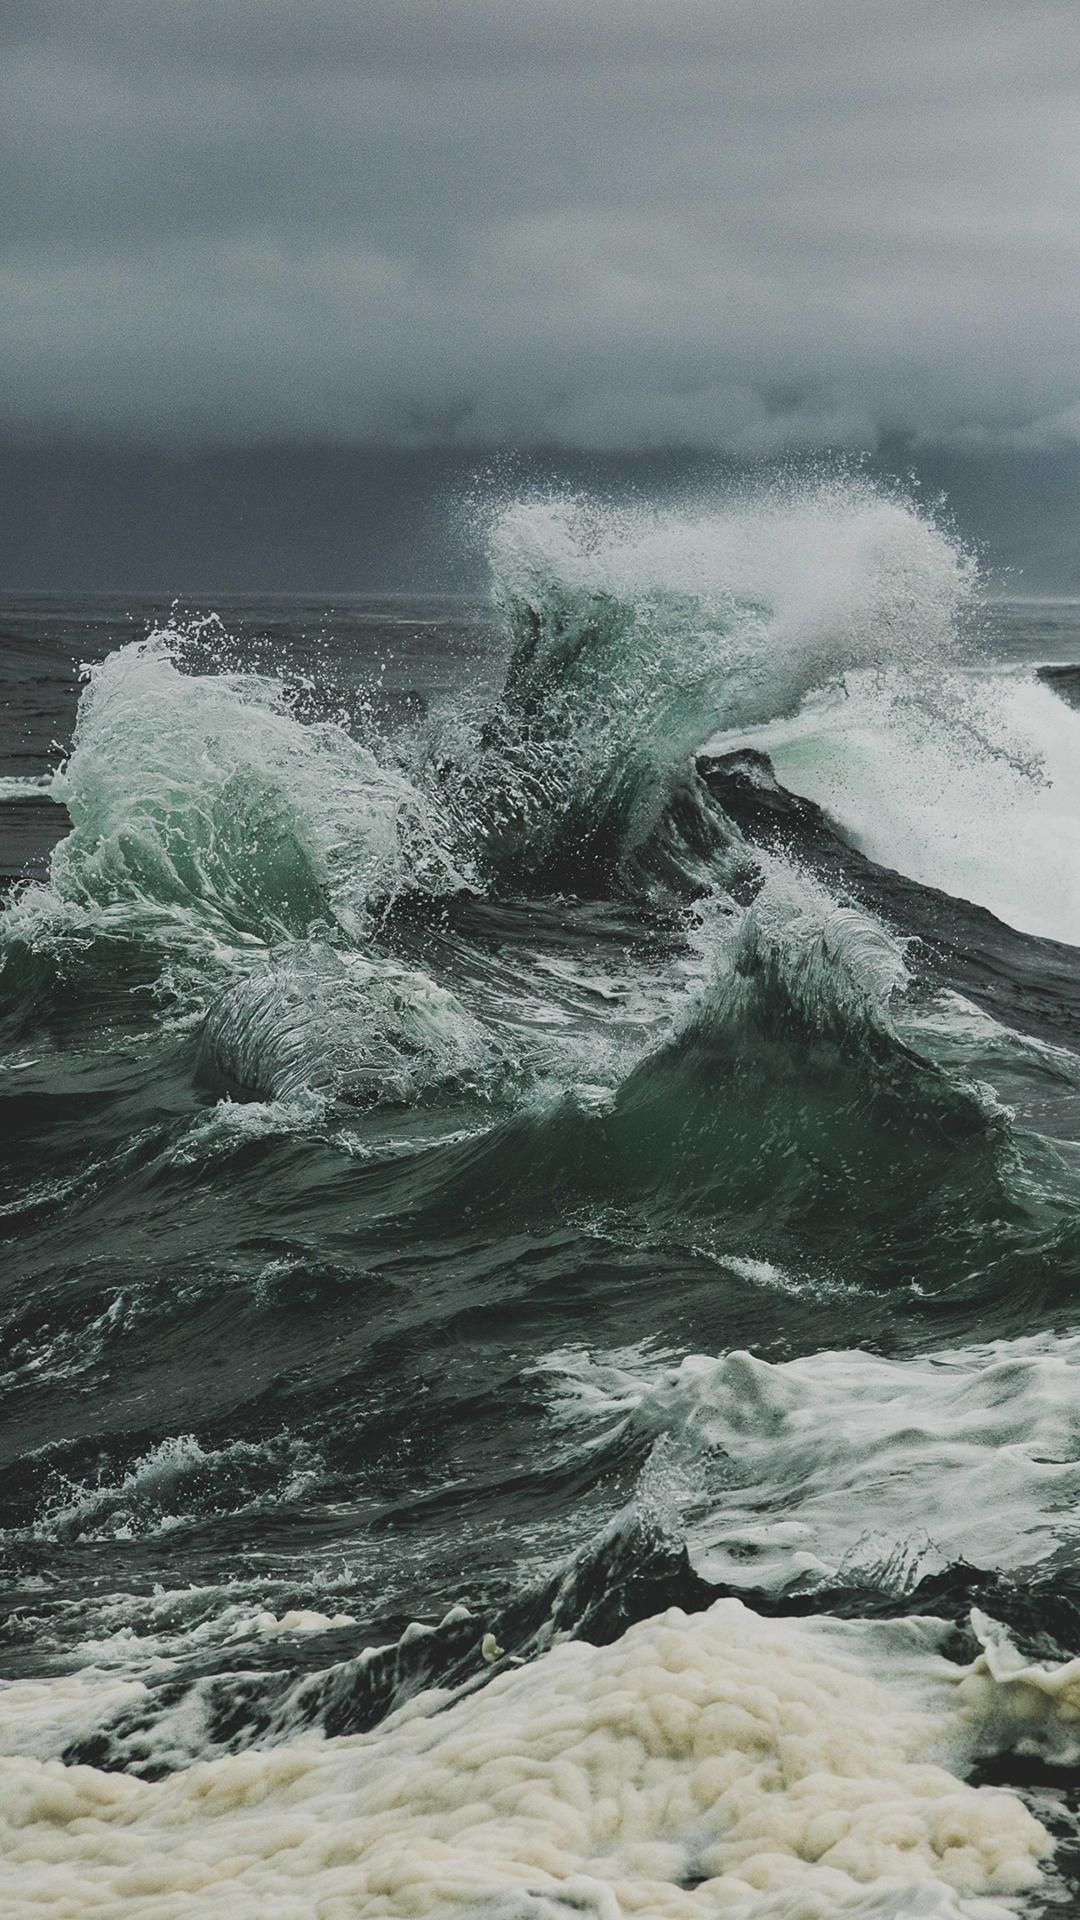 大海 海浪 风景 苹果手机高清壁纸 1080x1920